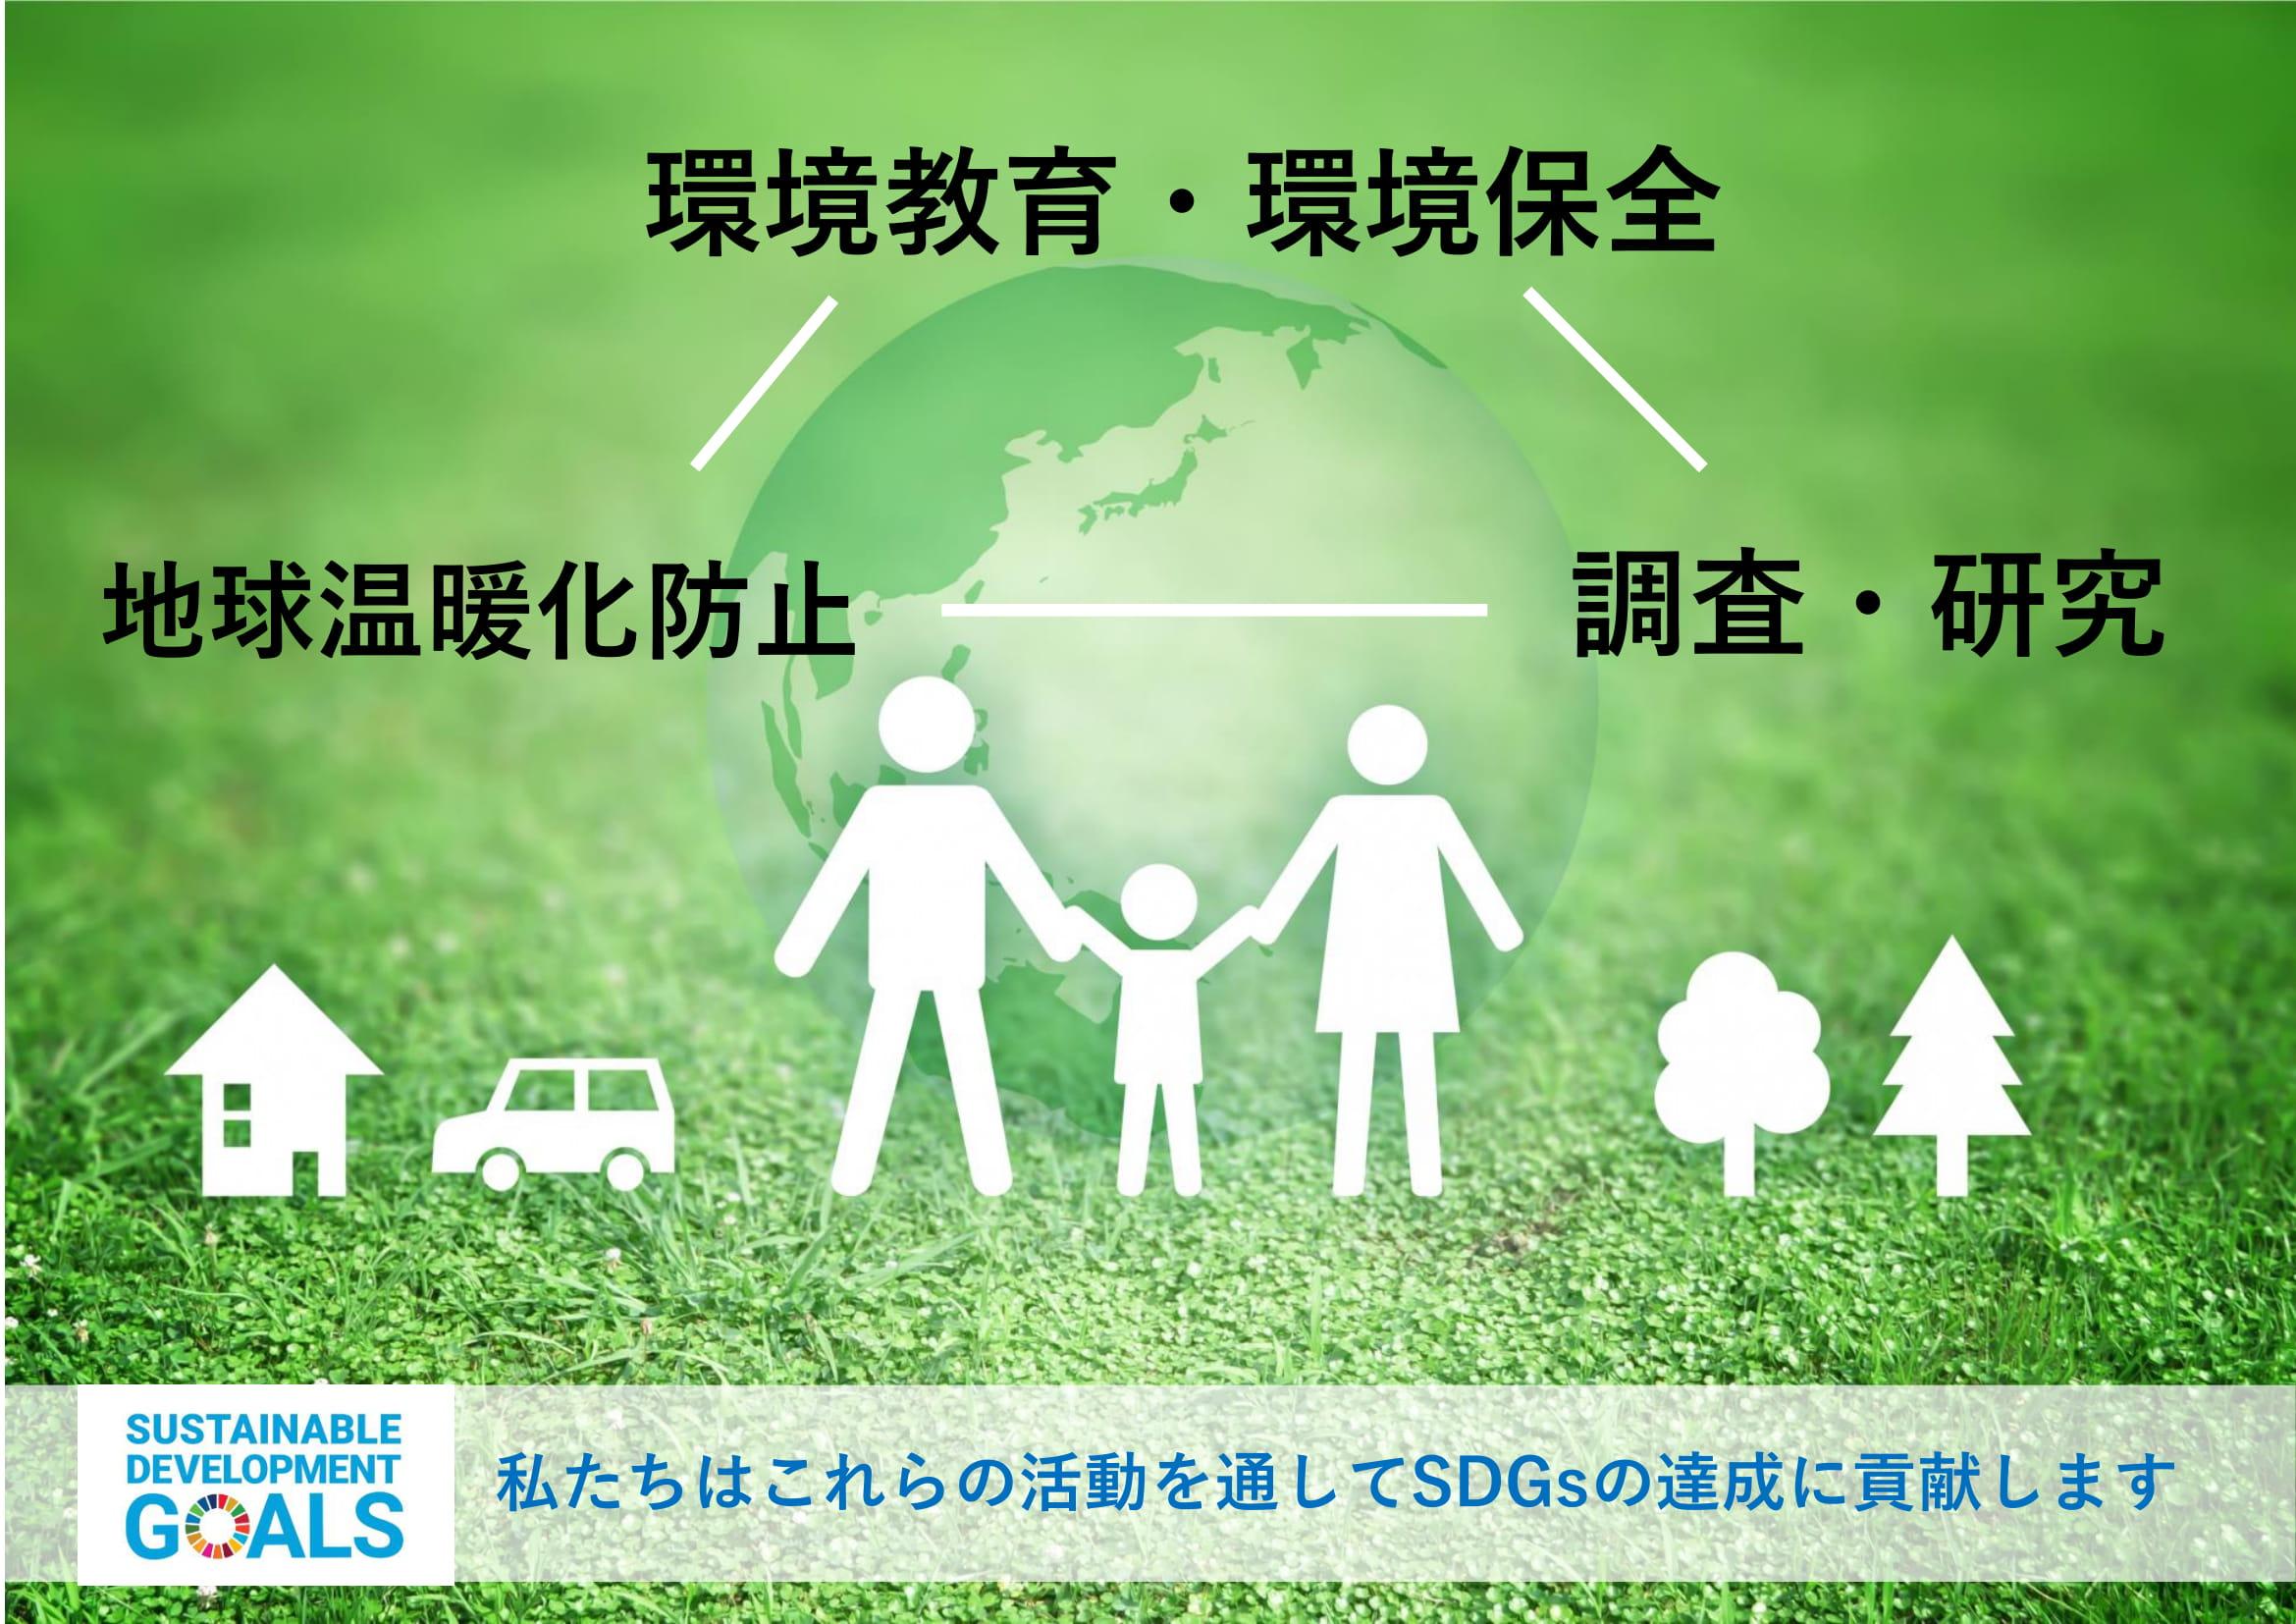 一般社団法人 あきた地球環境会議